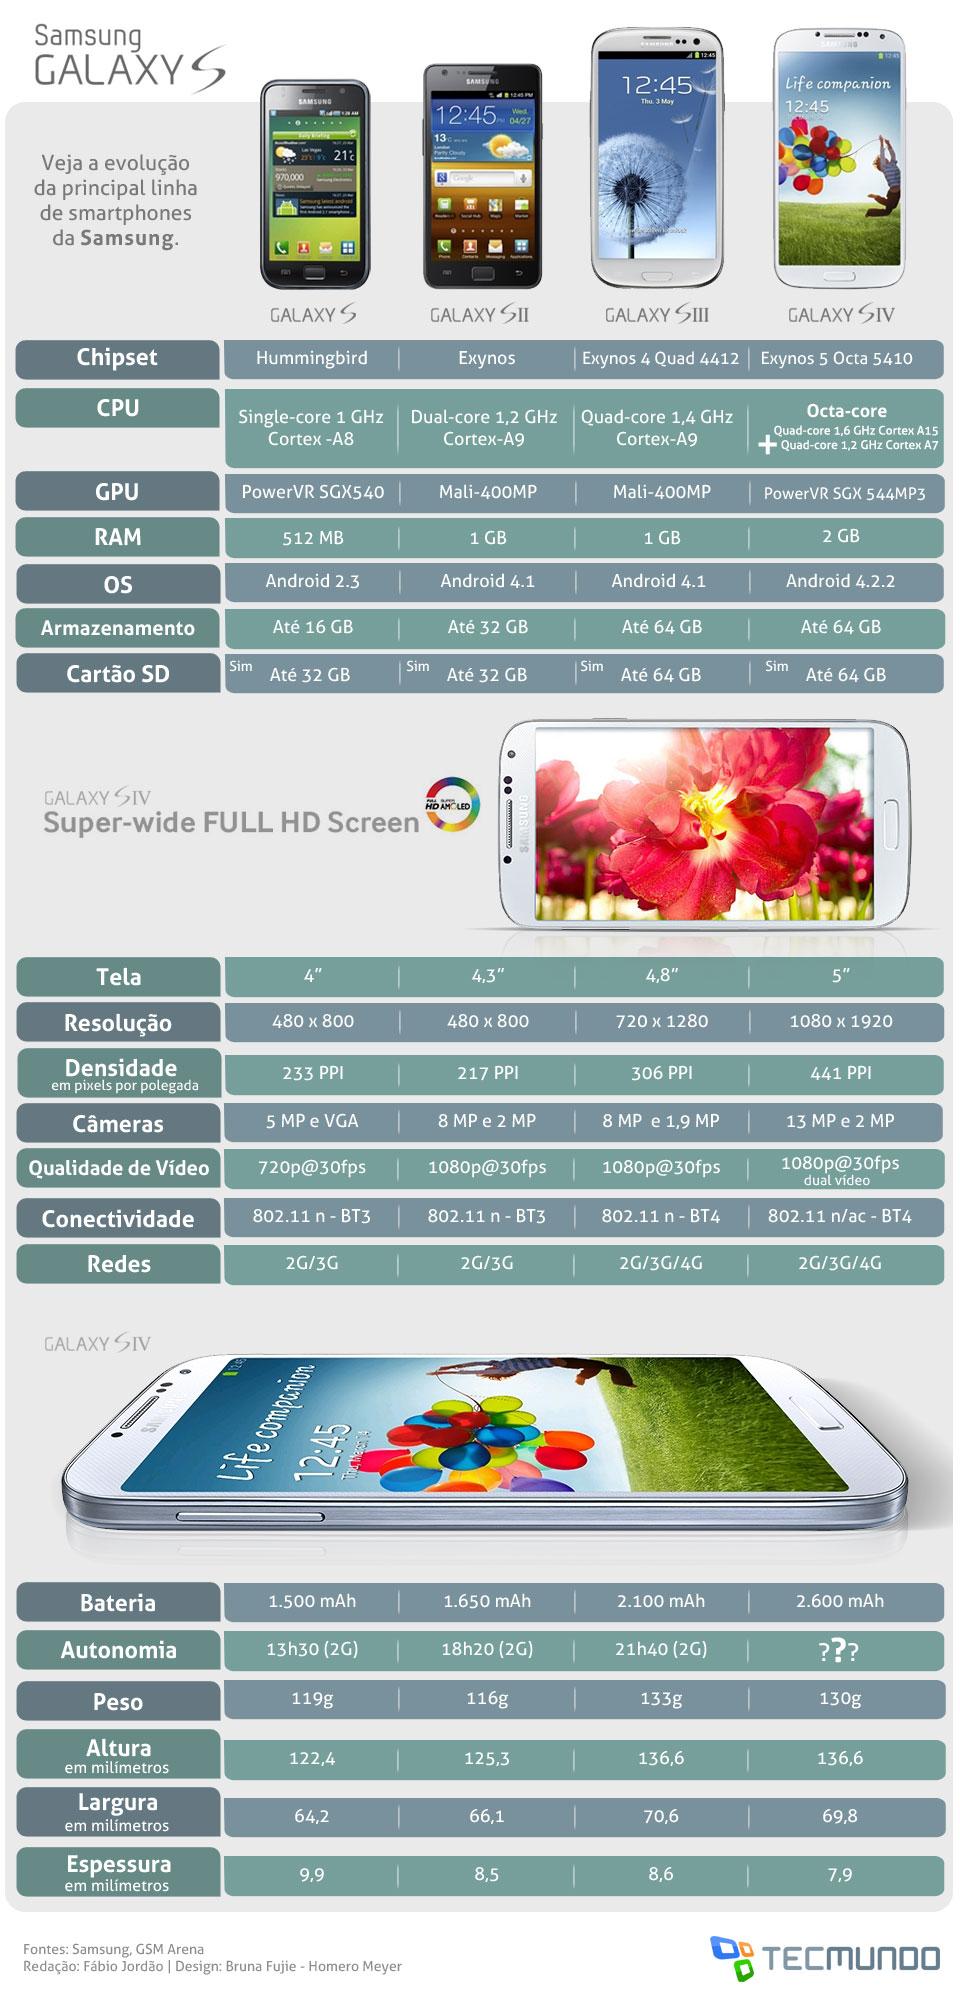 Tabela comparativa entre os aparelhos Samsung Galaxy S